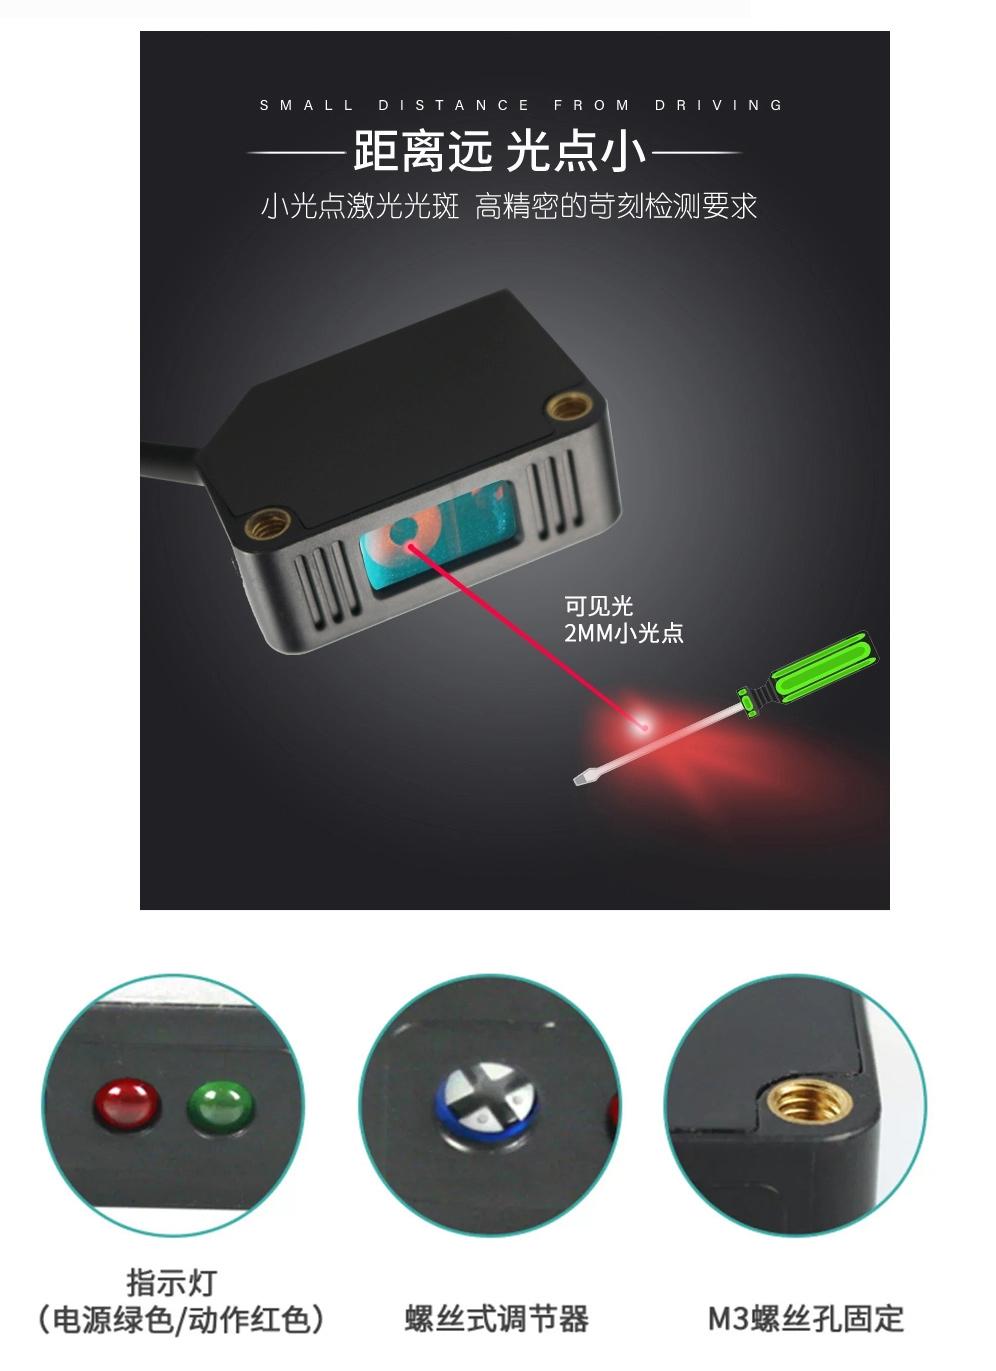 激光传感器-2_02.jpg